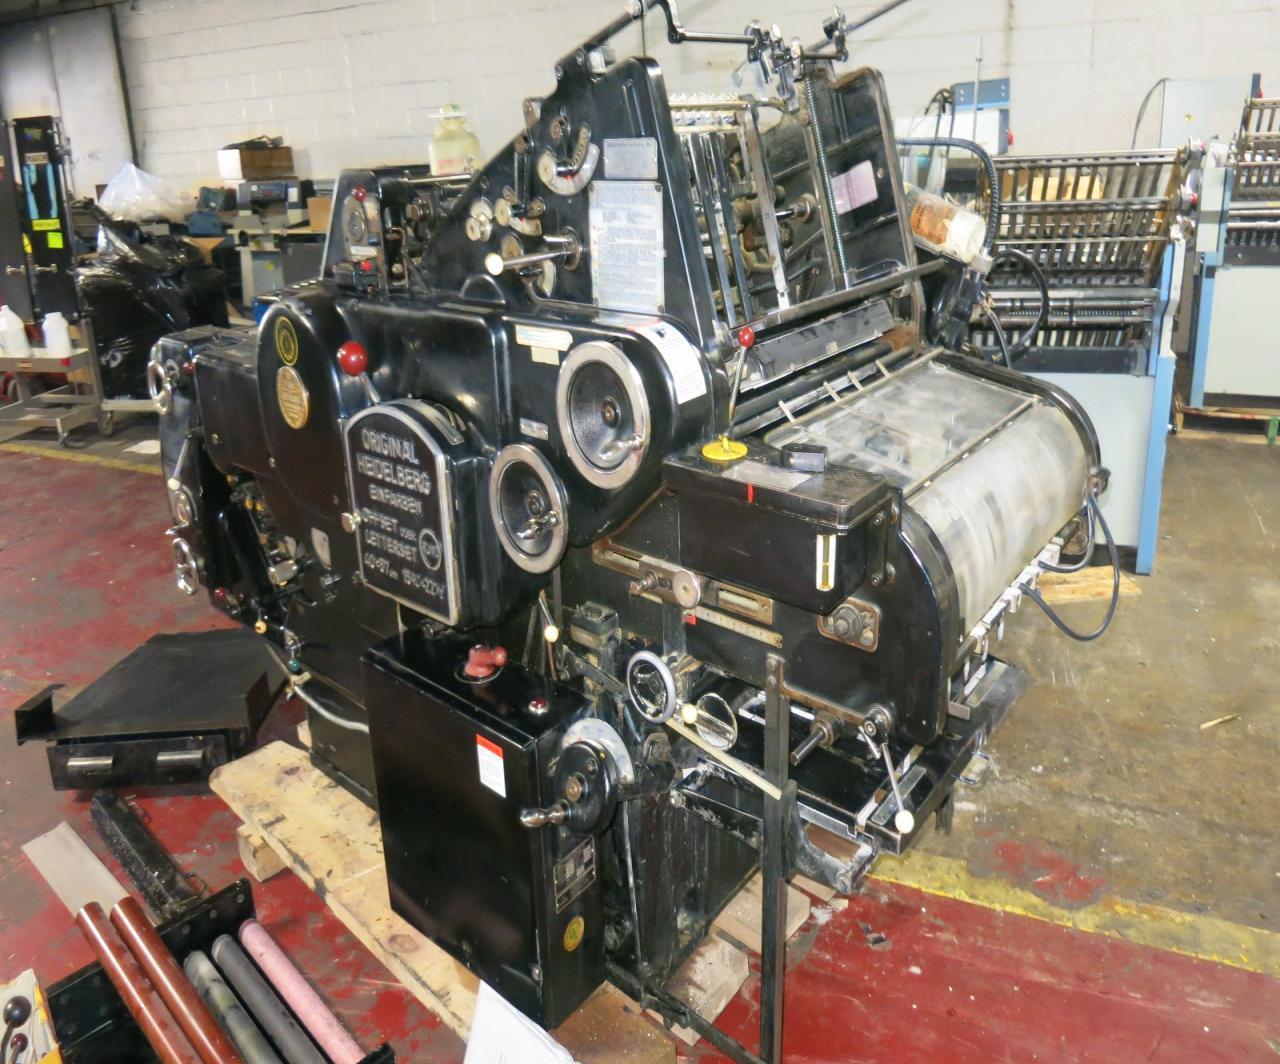 ... Heidelberg Gto 52,Used Heidelberg Single Color Printing Machine,Gto 52